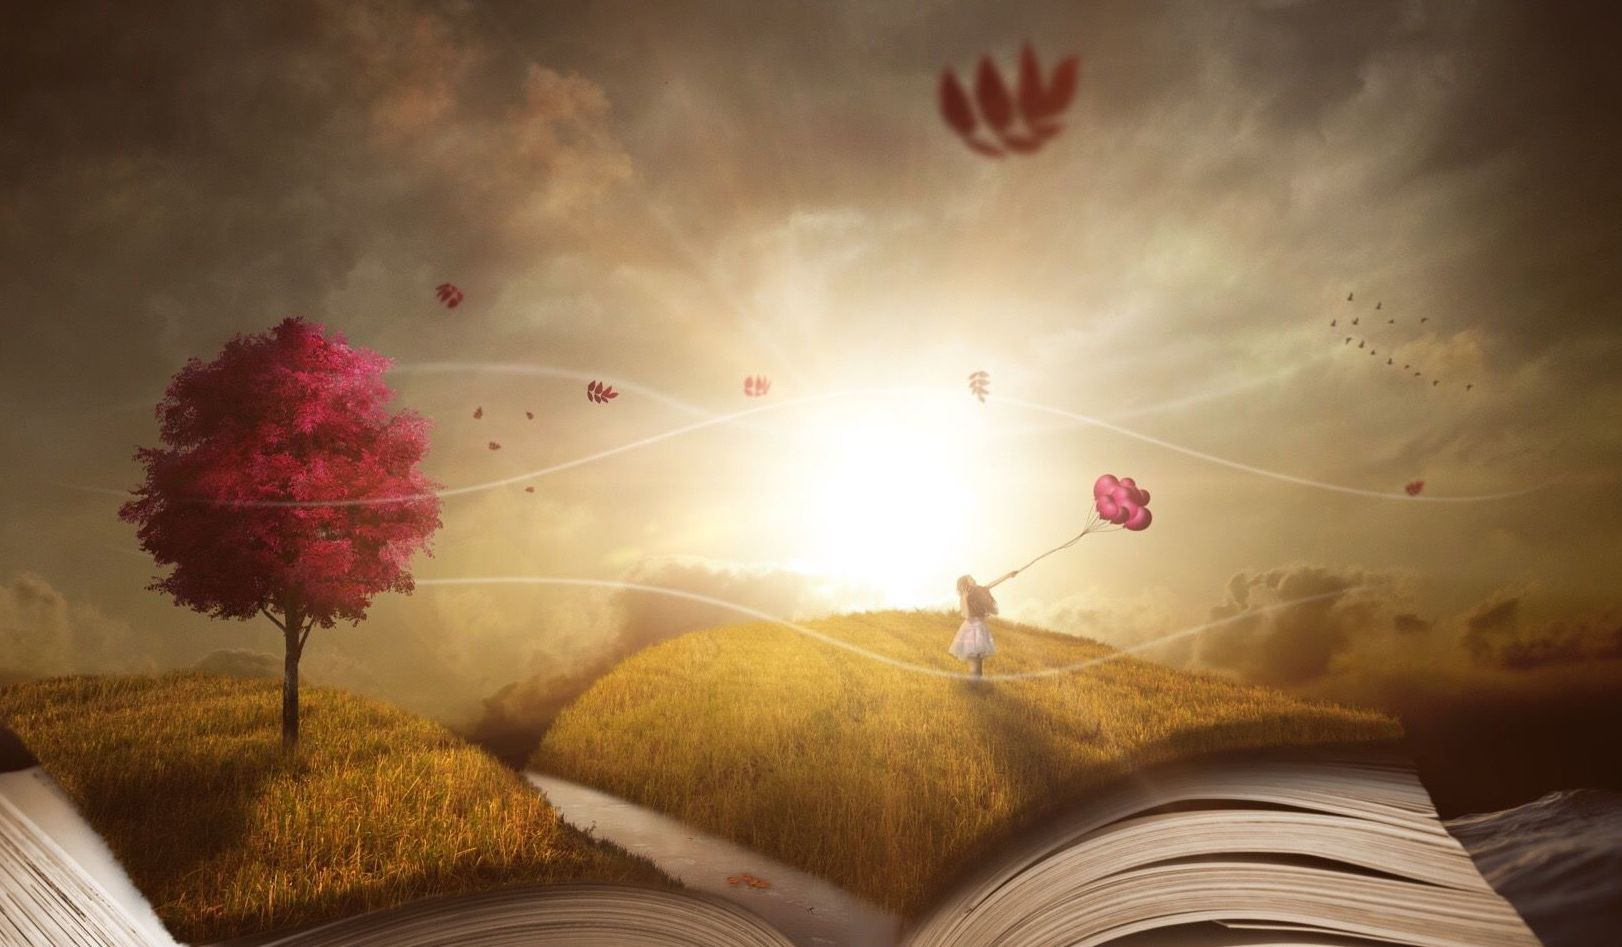 5 cuentos psicológicos para reflexionar sobre la vida